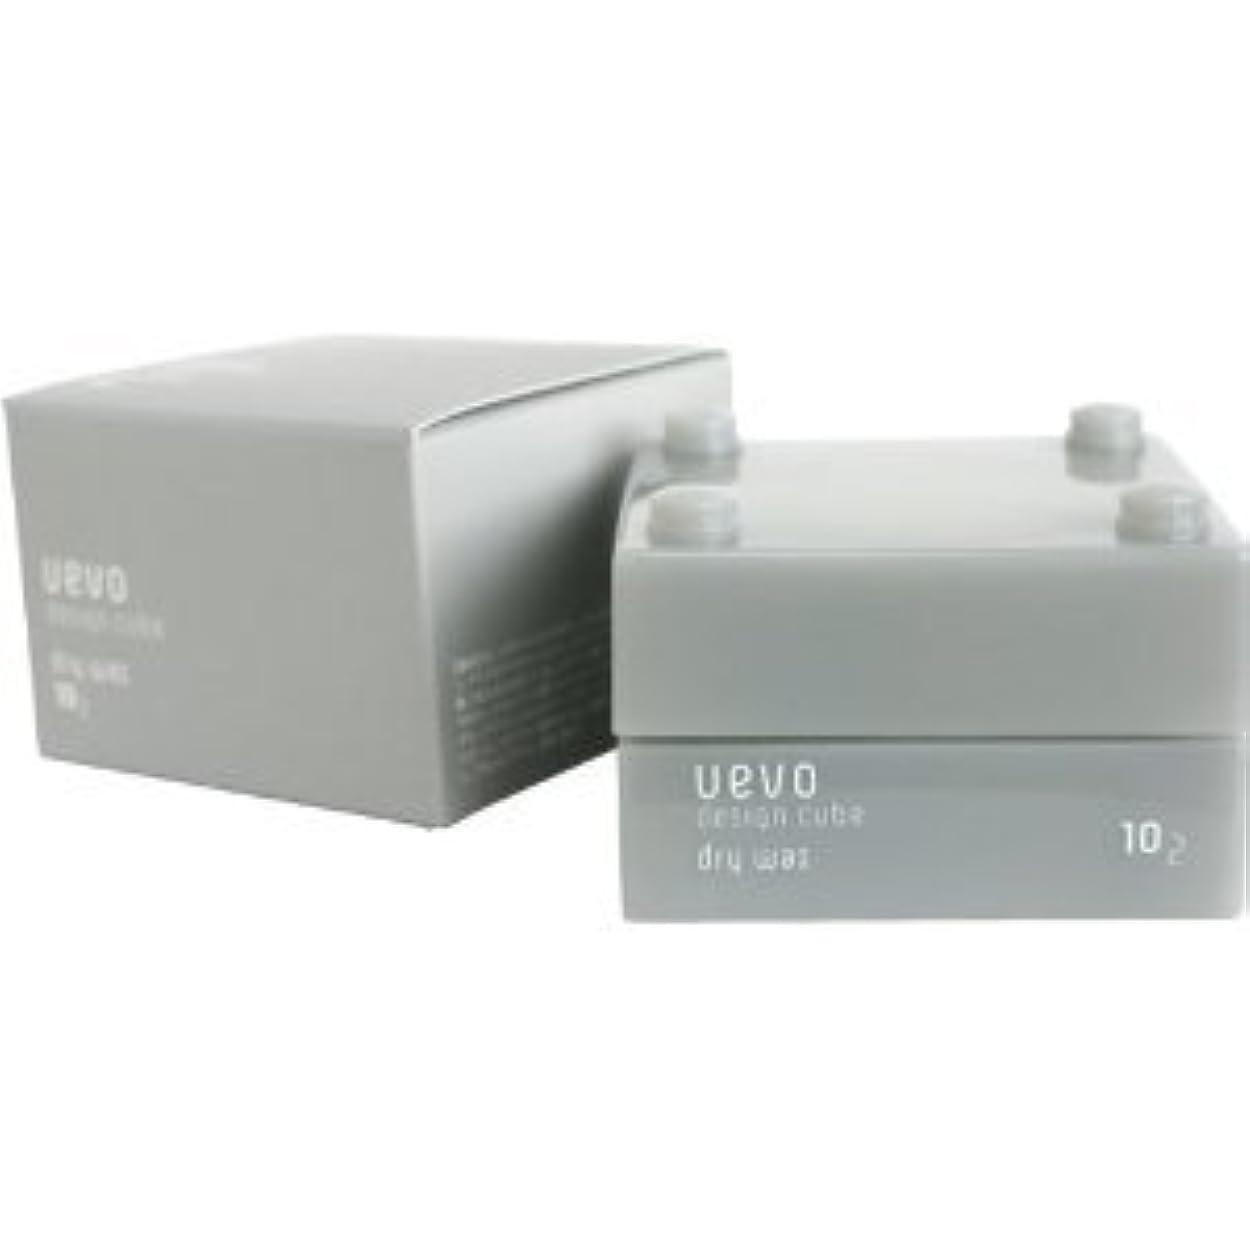 冷えるについてとても【X2個セット】 デミ ウェーボ デザインキューブ ドライワックス 30g dry wax DEMI uevo design cube